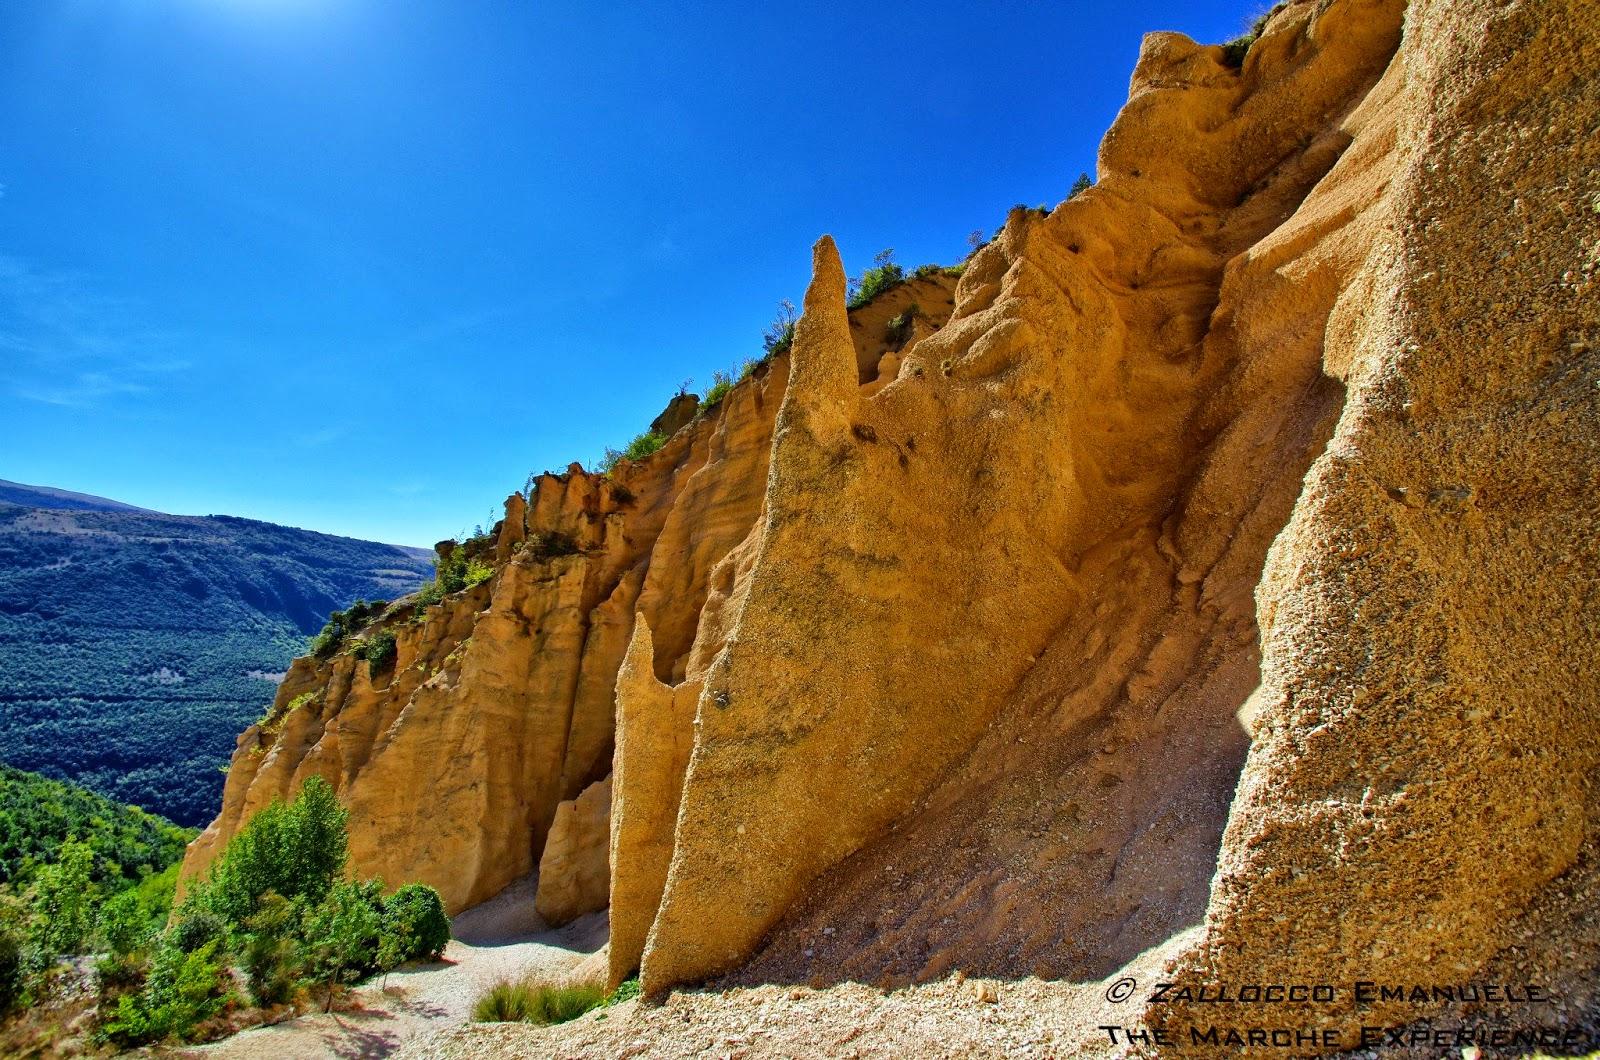 http://www.themarcheexperience.com/2014/09/il-gran-canyon-delle-marche-le-lame.html